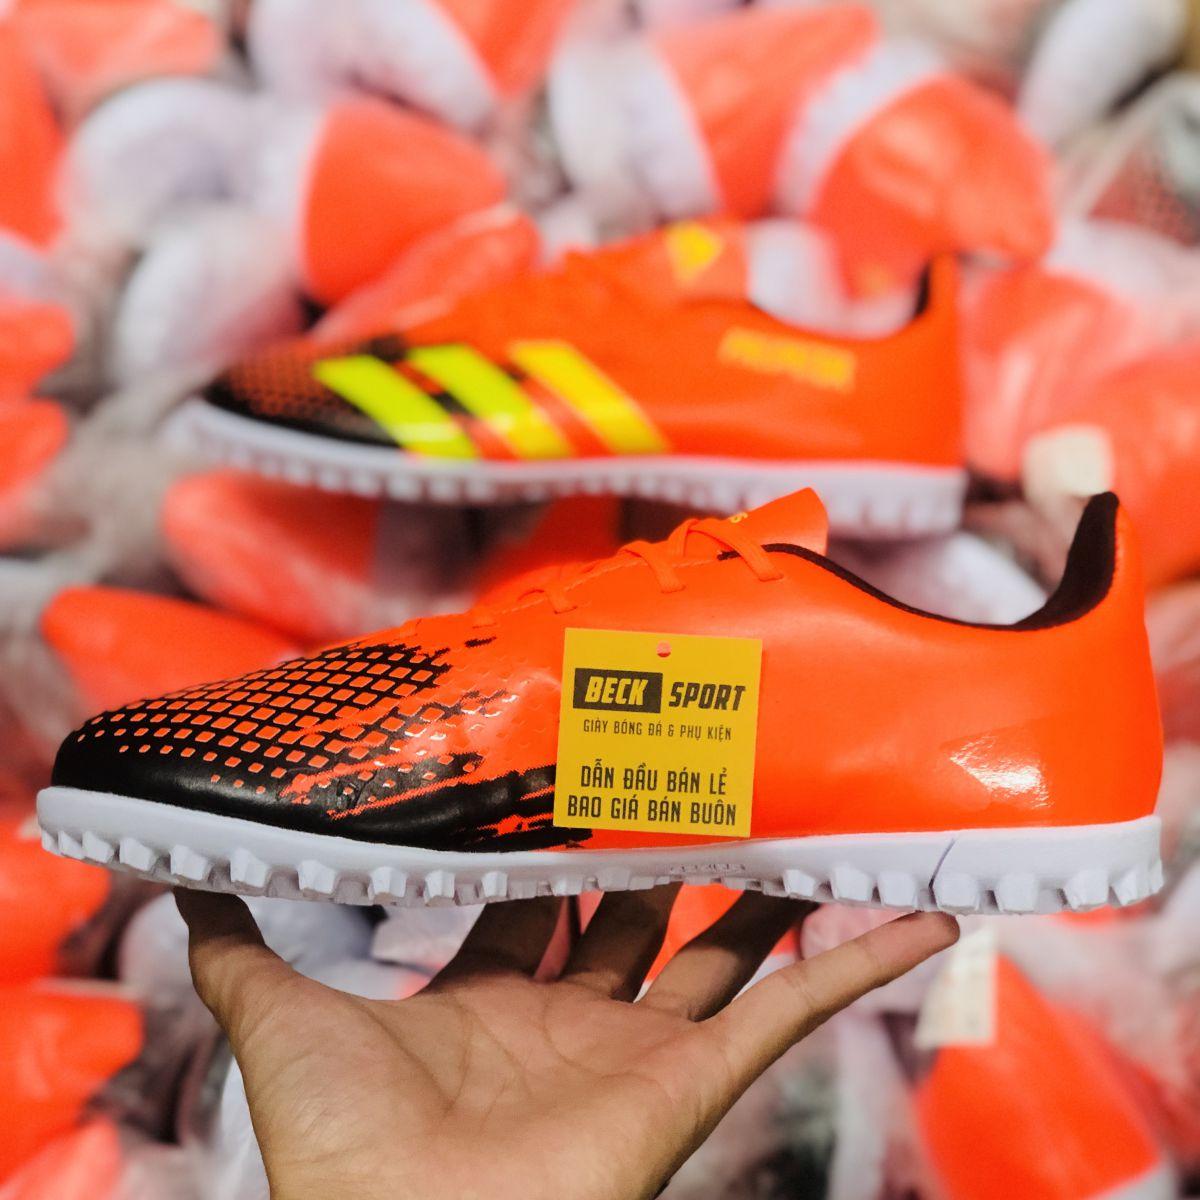 Giày Bóng Đá Adidas Predator 20.3 Cam Mũi Đen Vạch Vàng V2 TF